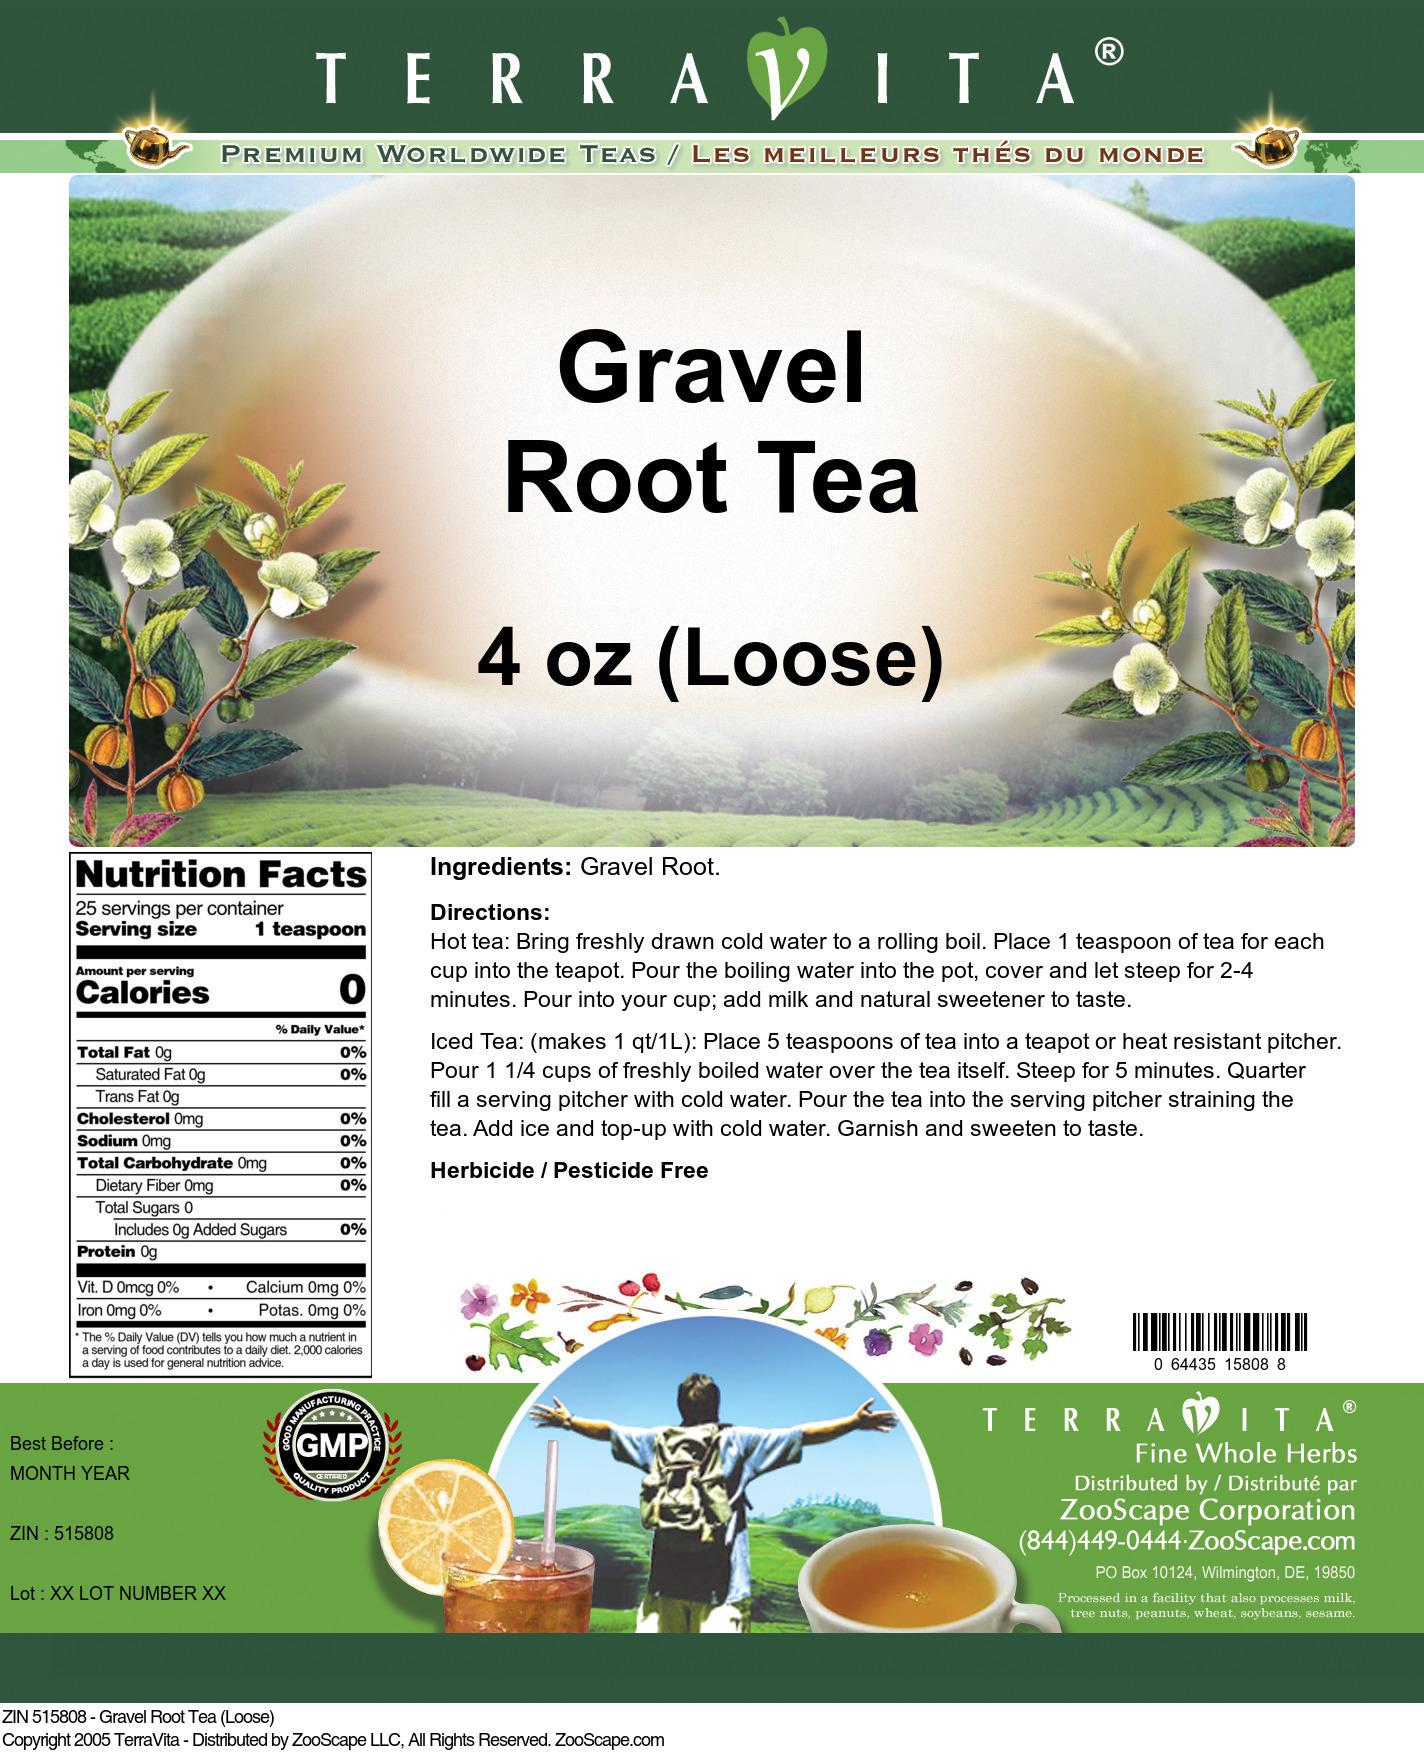 Gravel Root Tea (Loose)